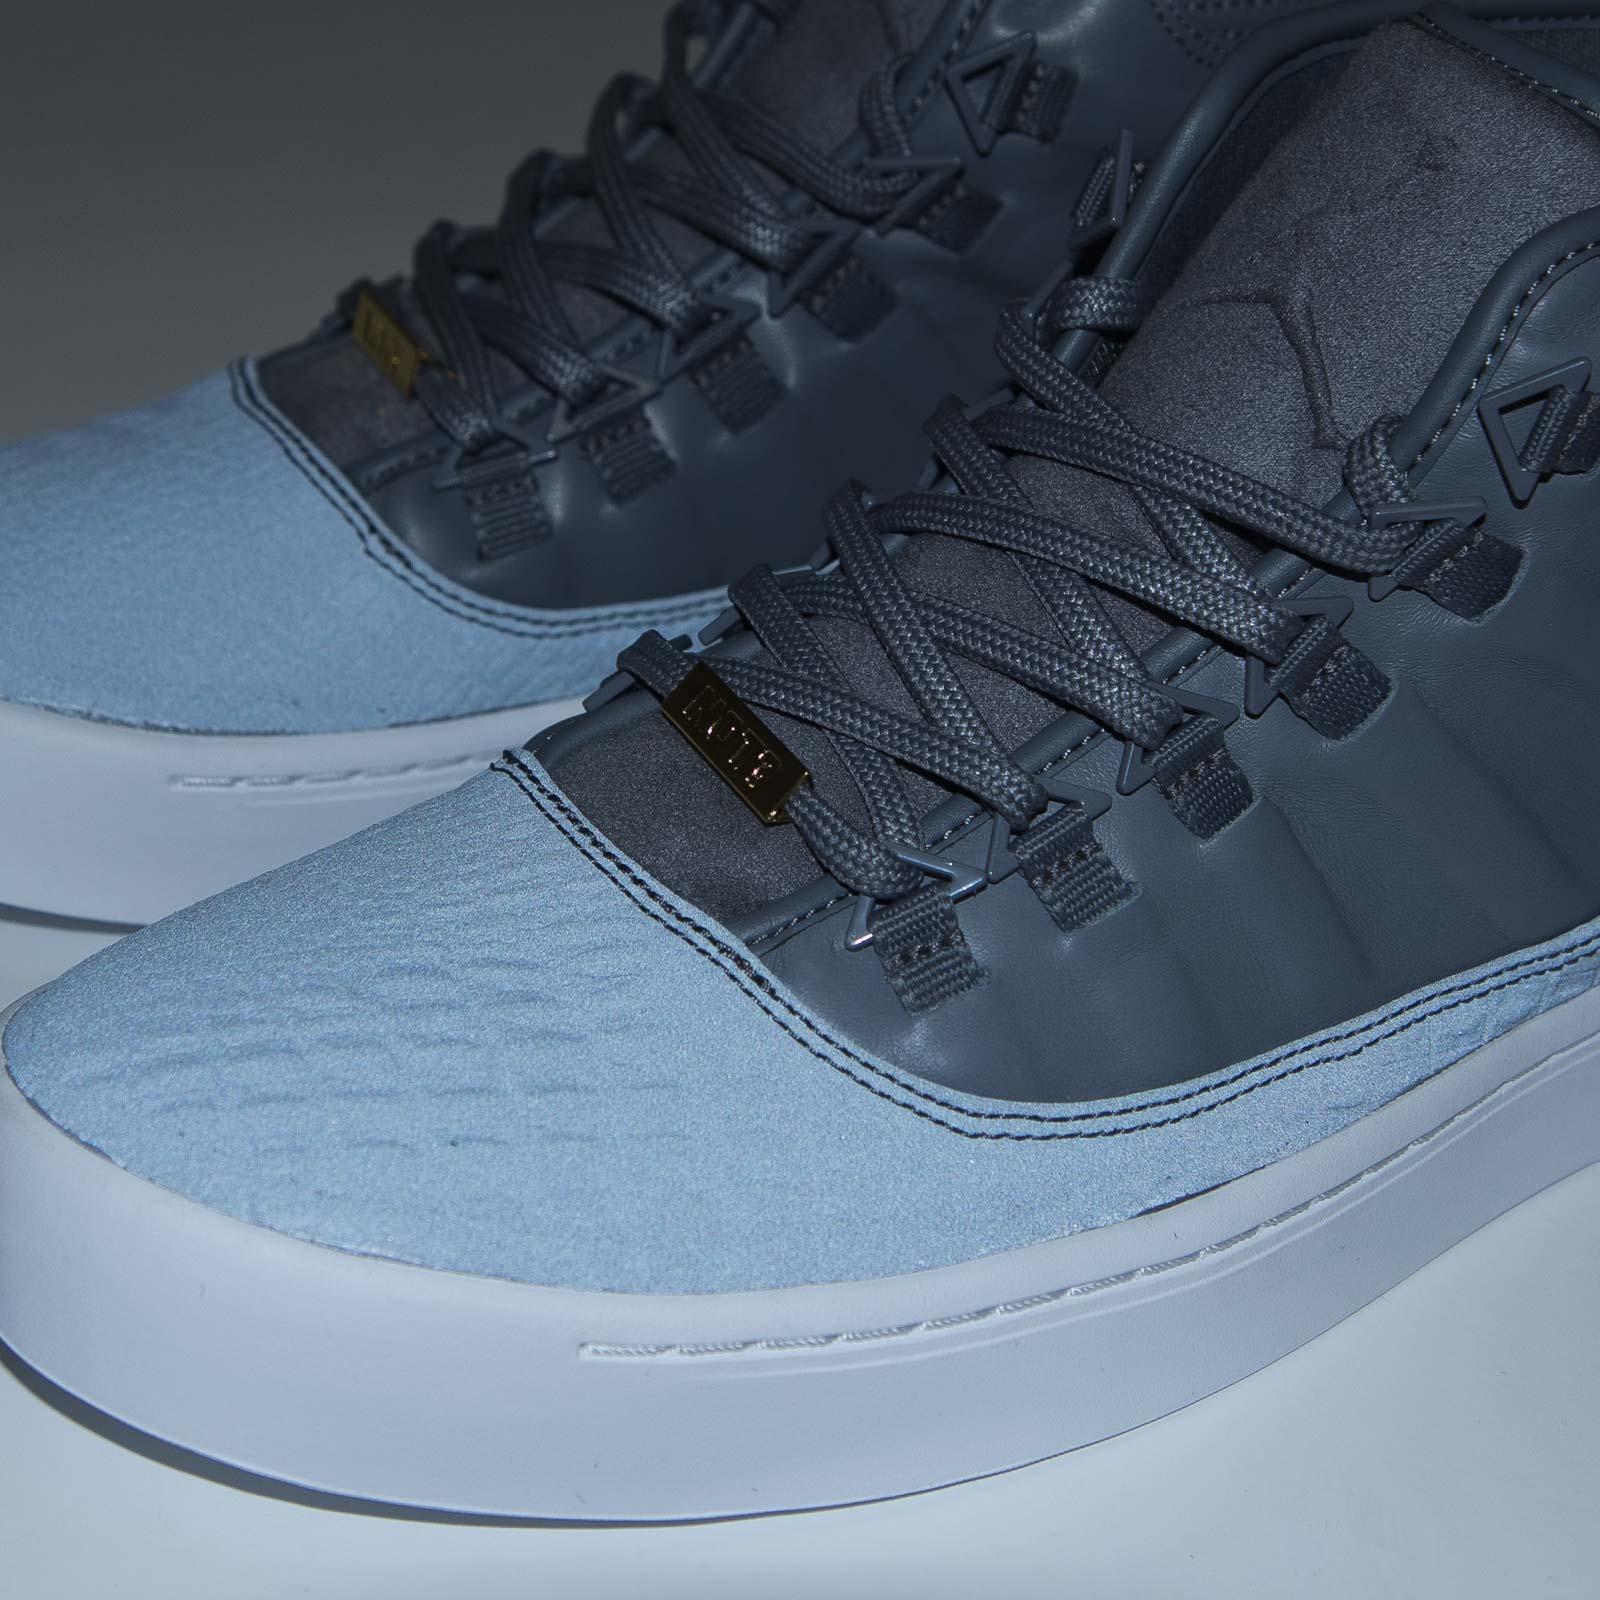 huge selection of 831be d0d10 Jordan Brand Jordan Westbrook 0 - 768934-002 - Sneakersnstuff   sneakers    streetwear online since 1999